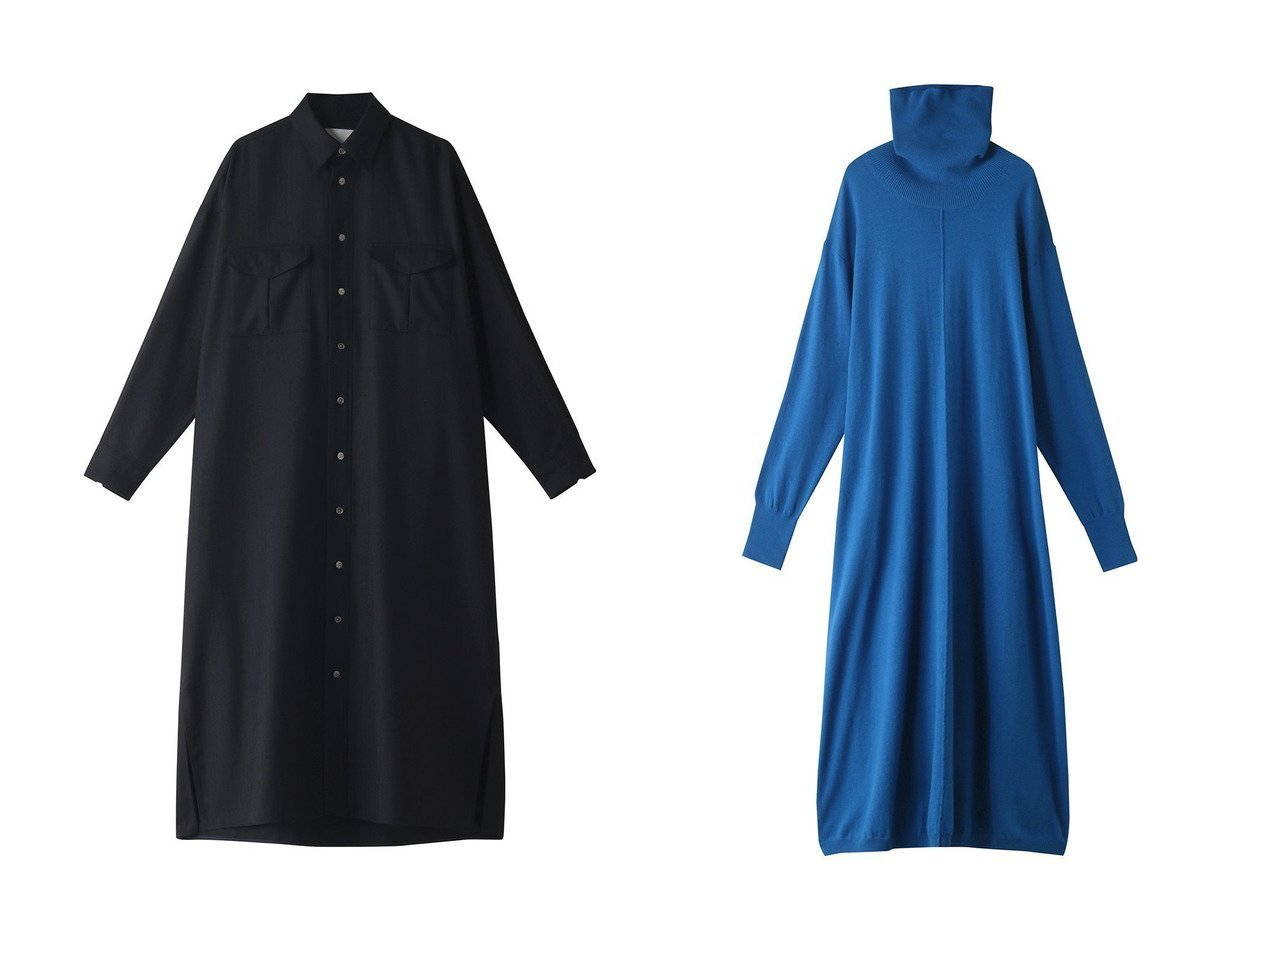 【TICCA/ティッカ】のWポケットロングシャツ&【Shinzone/シンゾーン】のハイネックドレス 【ワンピース・ドレス】おすすめ!人気、トレンド・レディースファッションの通販  おすすめで人気の流行・トレンド、ファッションの通販商品 インテリア・家具・メンズファッション・キッズファッション・レディースファッション・服の通販 founy(ファニー) https://founy.com/ ファッション Fashion レディースファッション WOMEN ワンピース Dress チュニック Tunic ドレス Party Dresses 2020年 2020 2020-2021秋冬・A/W AW・Autumn/Winter・FW・Fall-Winter/2020-2021 2021年 2021 2021-2022秋冬・A/W AW・Autumn/Winter・FW・Fall-Winter・2021-2022 A/W・秋冬 AW・Autumn/Winter・FW・Fall-Winter シンプル チュニック フラップ ポケット ロング 羽織 ドレス ハイネック マキシ  ID:crp329100000062969